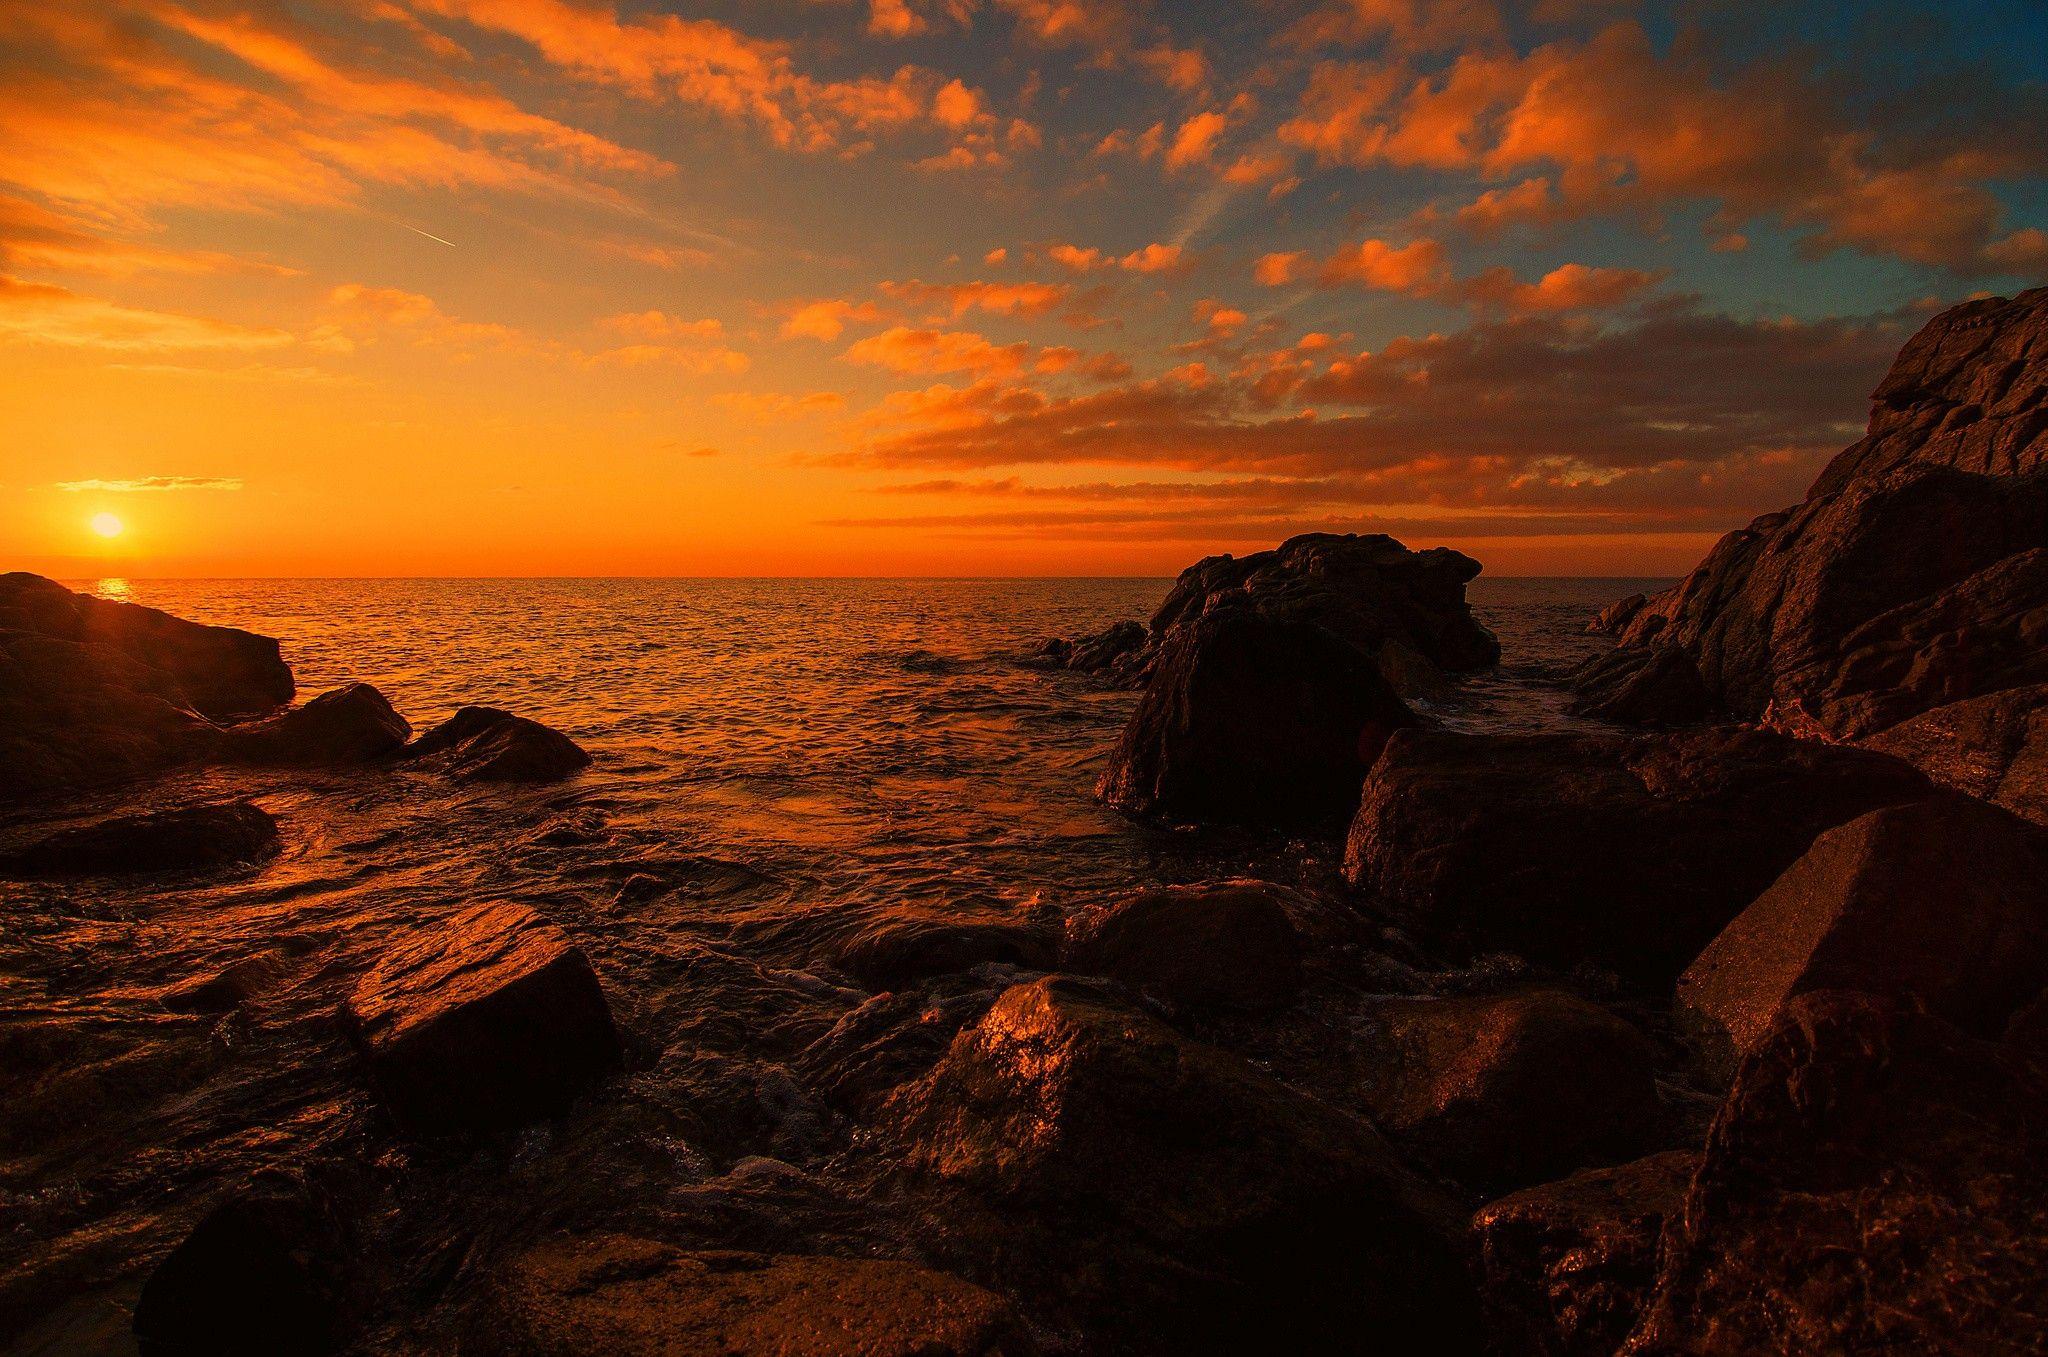 Sun Cliff Water Sky Rocks Seaside Clouds Sunset Sea Ocean Wallpaper Desktop Sunset Wallpaper Ocean Wallpaper Sunrise Wallpaper Hd wallpaper sunset sea rocks landscape